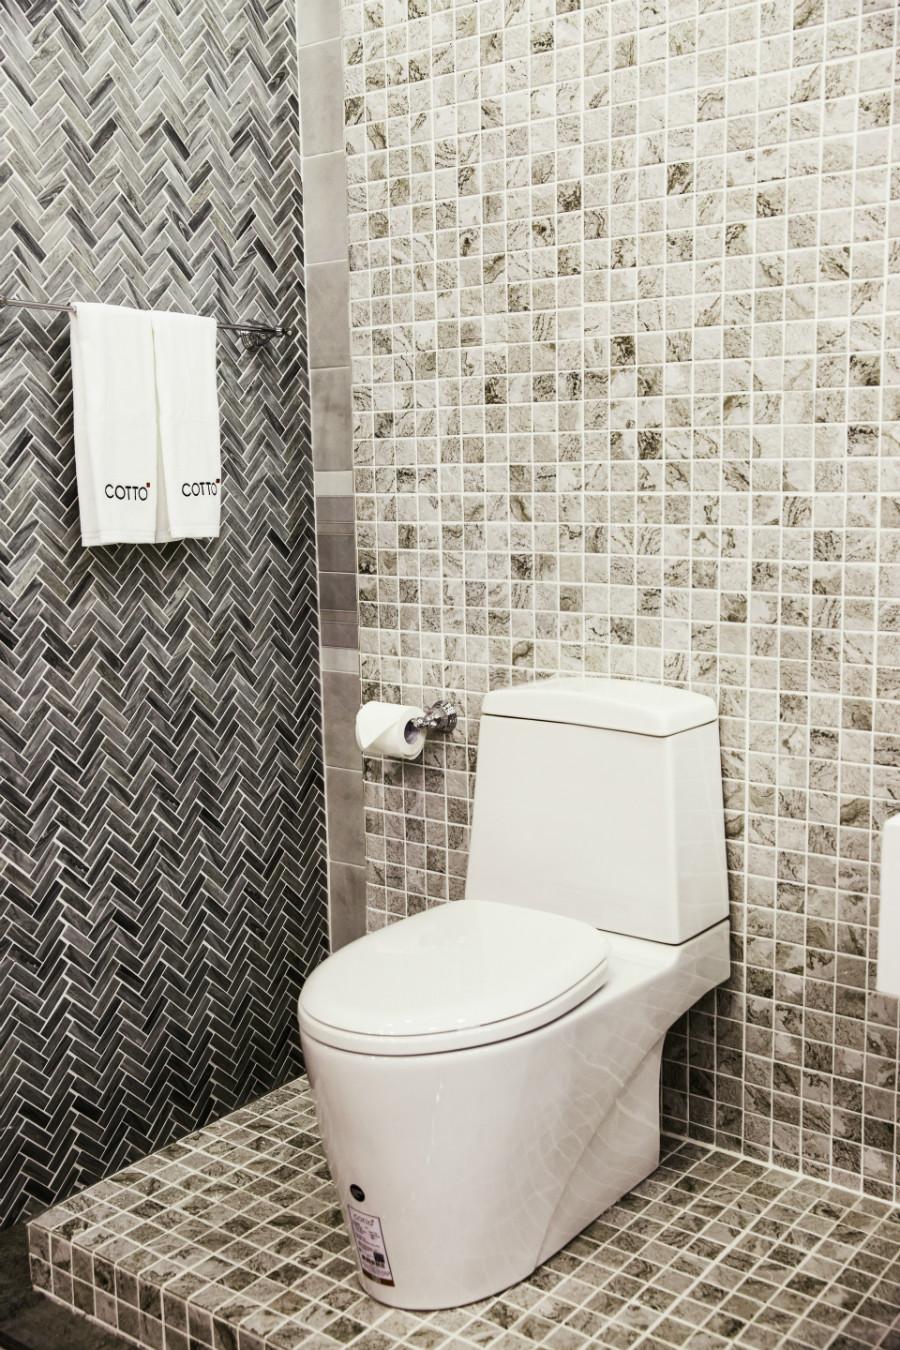 욕실-파워플러쉬에 좋을 듯.jpg